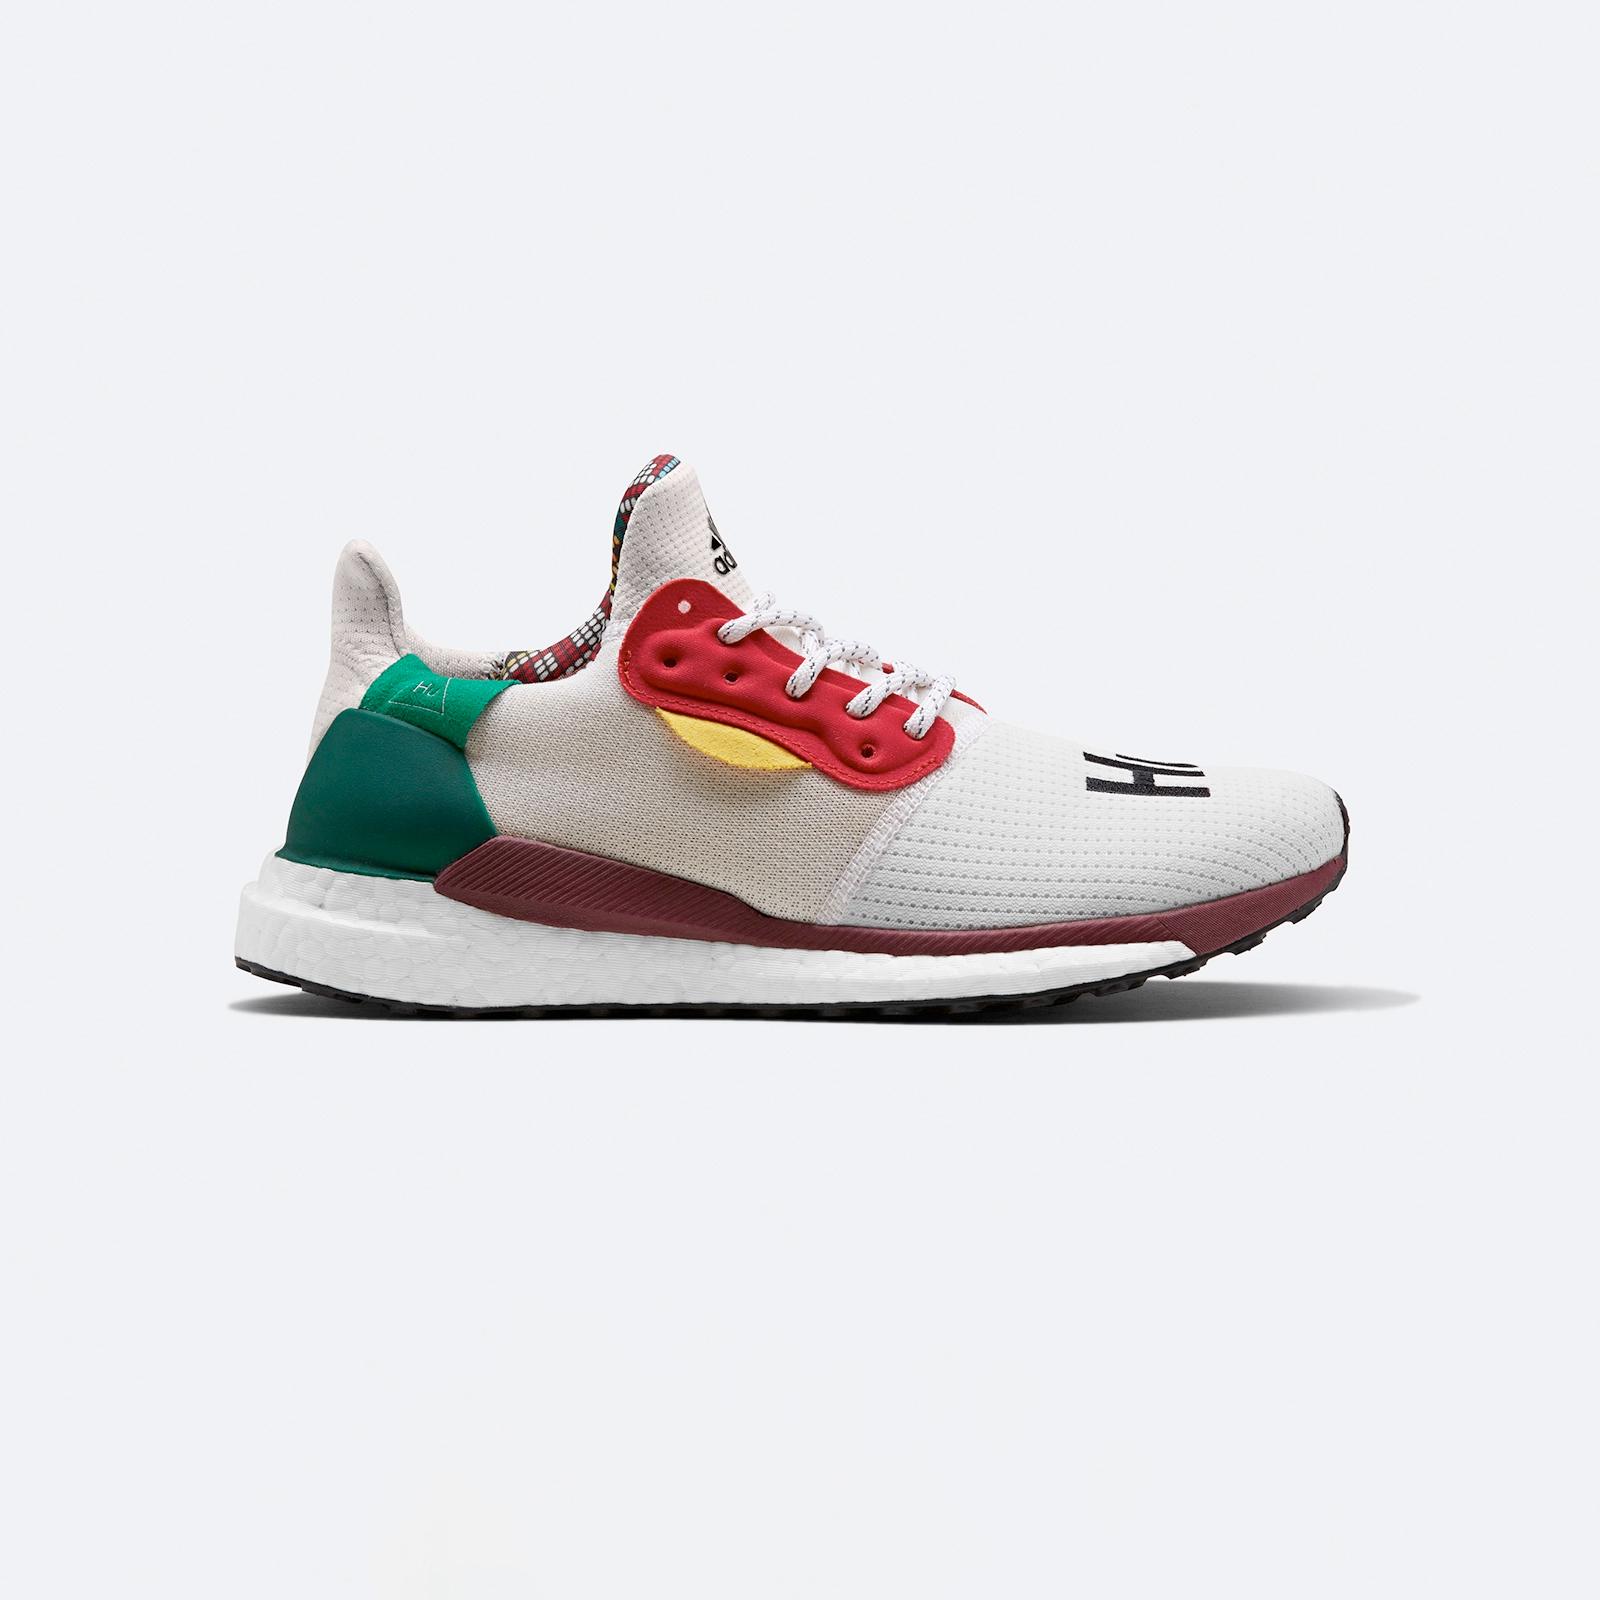 736fed415 adidas PW x HU Solar Glide - Bb8044 - Sneakersnstuff